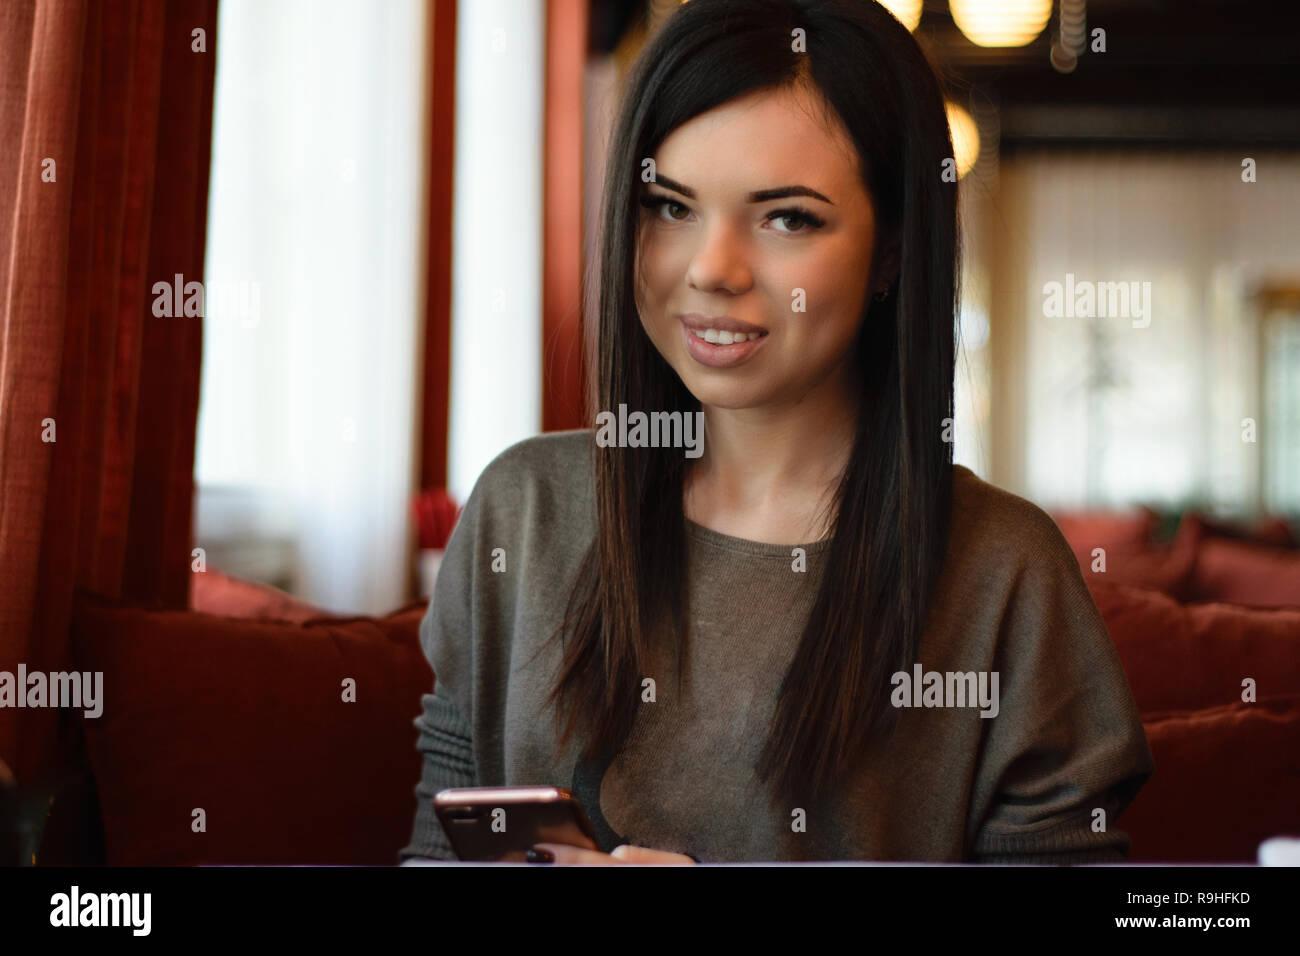 Une belle fille avec les fossettes sur les joues dans un café confortable contre la fenêtre et bokeh. modèle attrayant détient le téléphone Banque D'Images